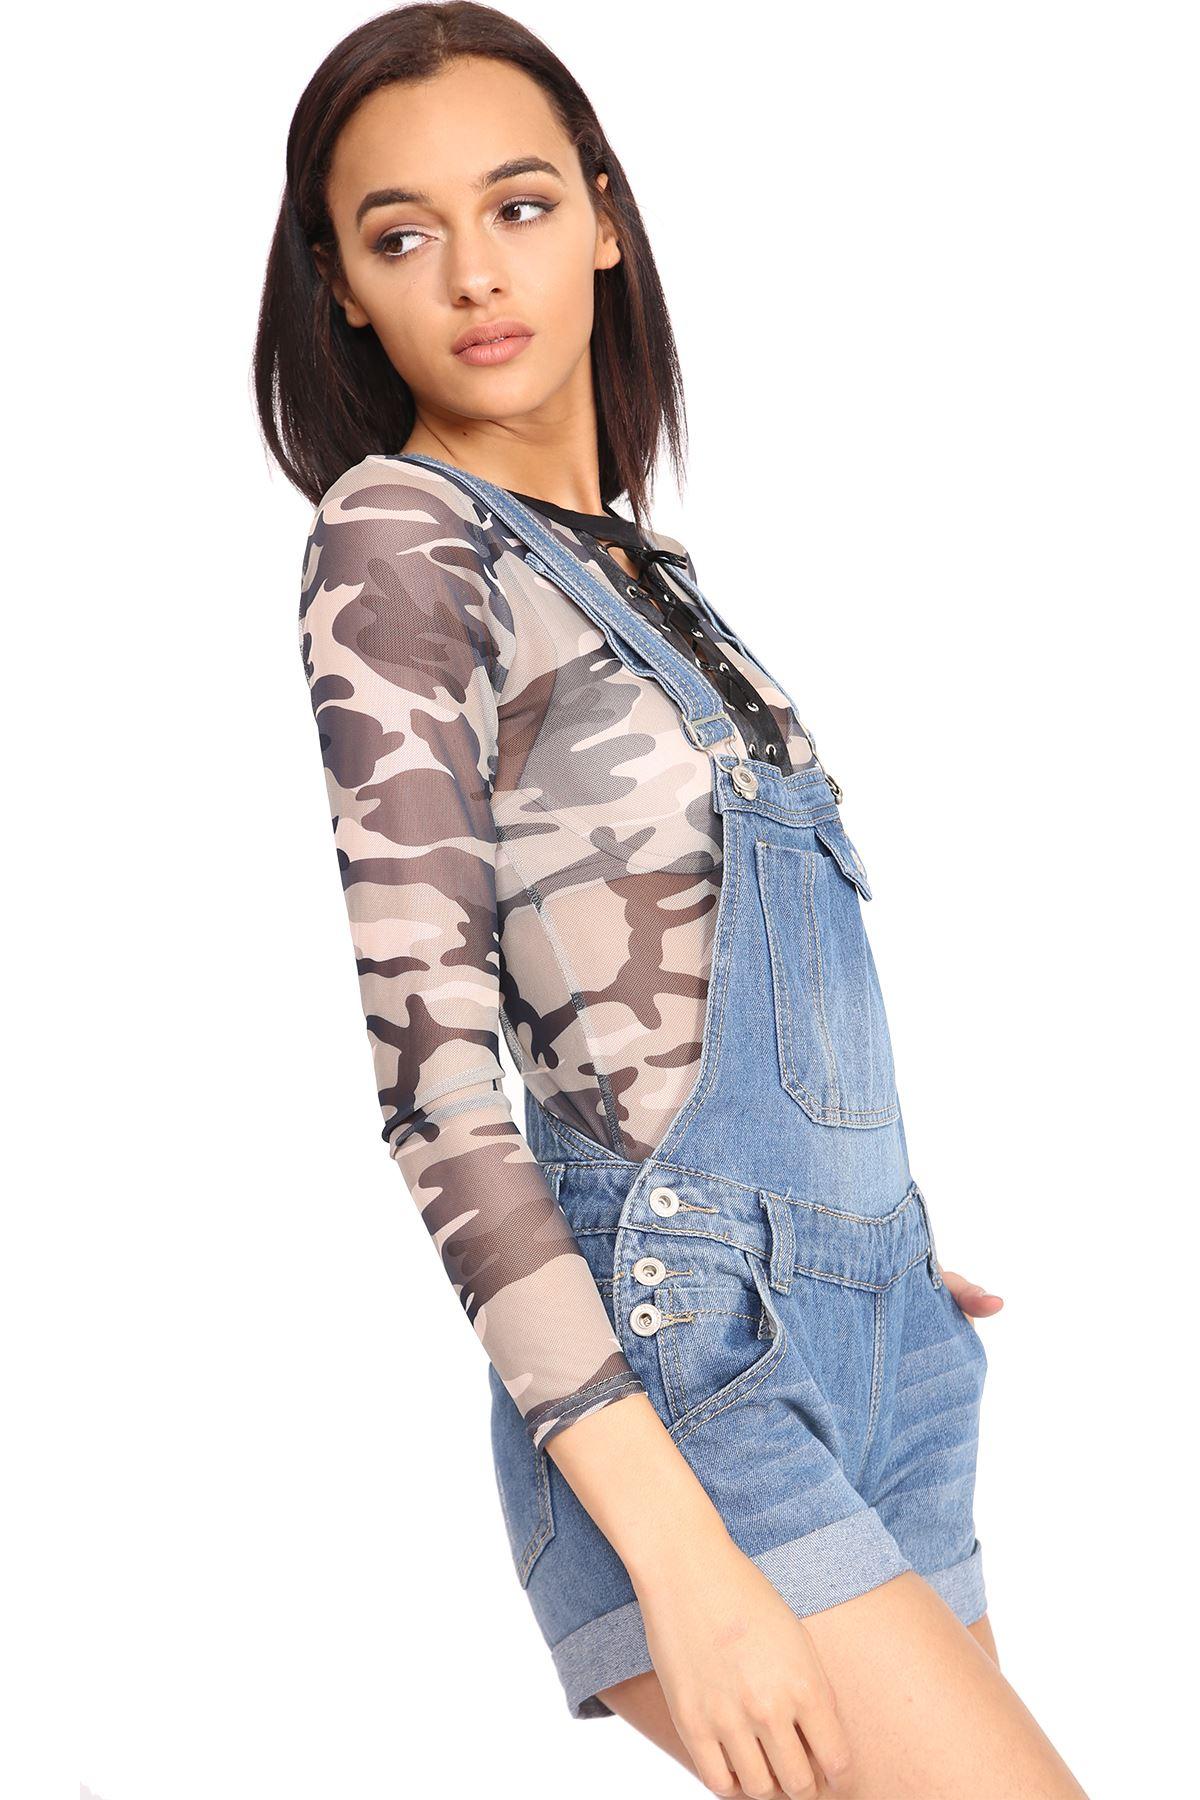 NUOVA linea donna strappato tasca a marsupio con effetto invecchiato cotone Denim con Bottoni Salopette Pantaloncini